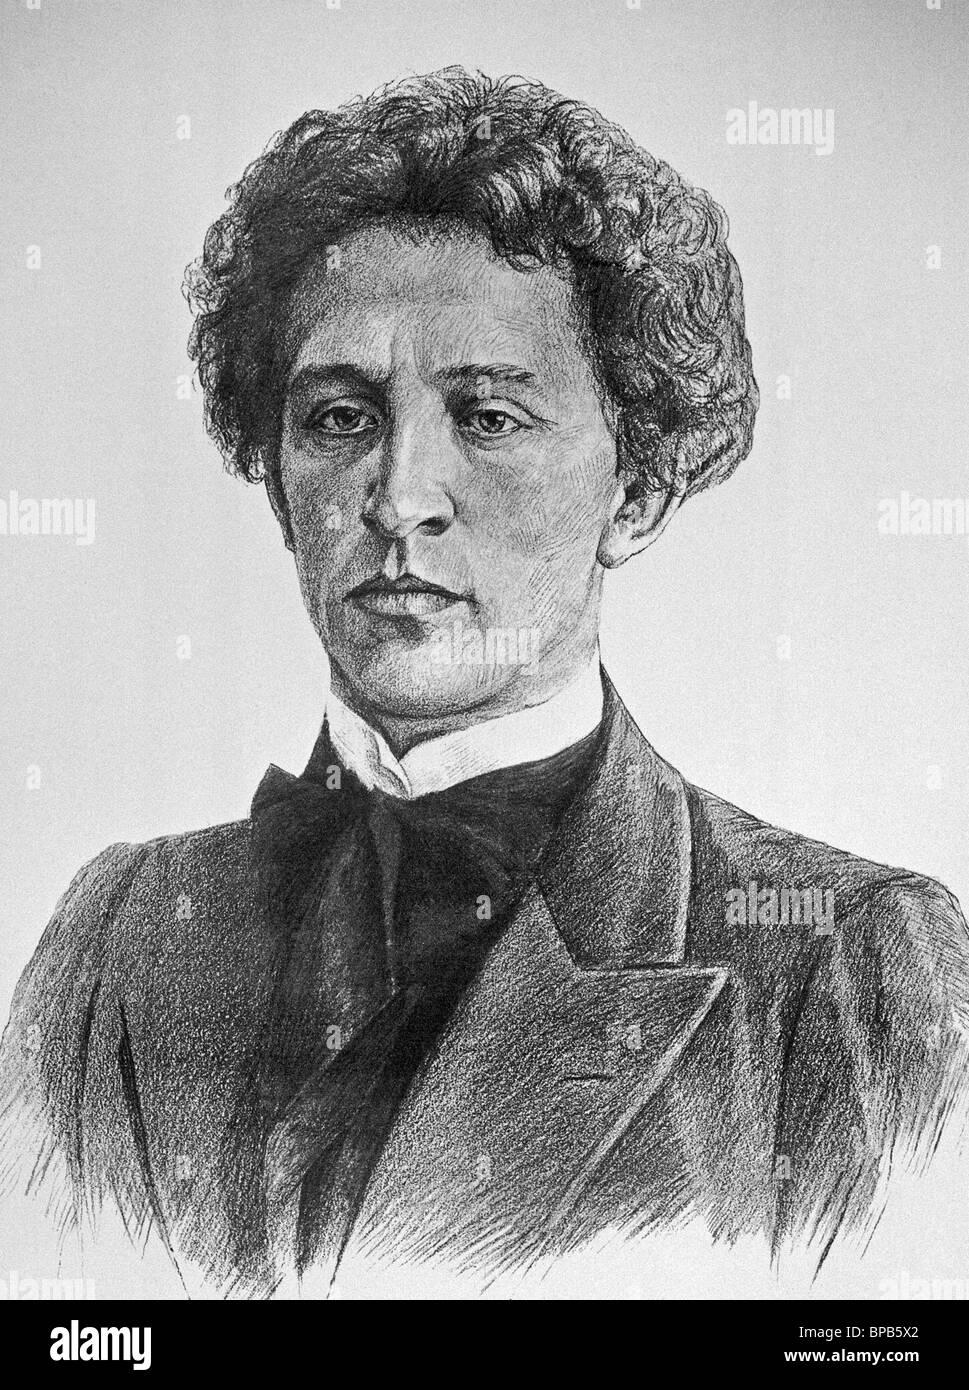 Alexander Blok: portrait, description 98